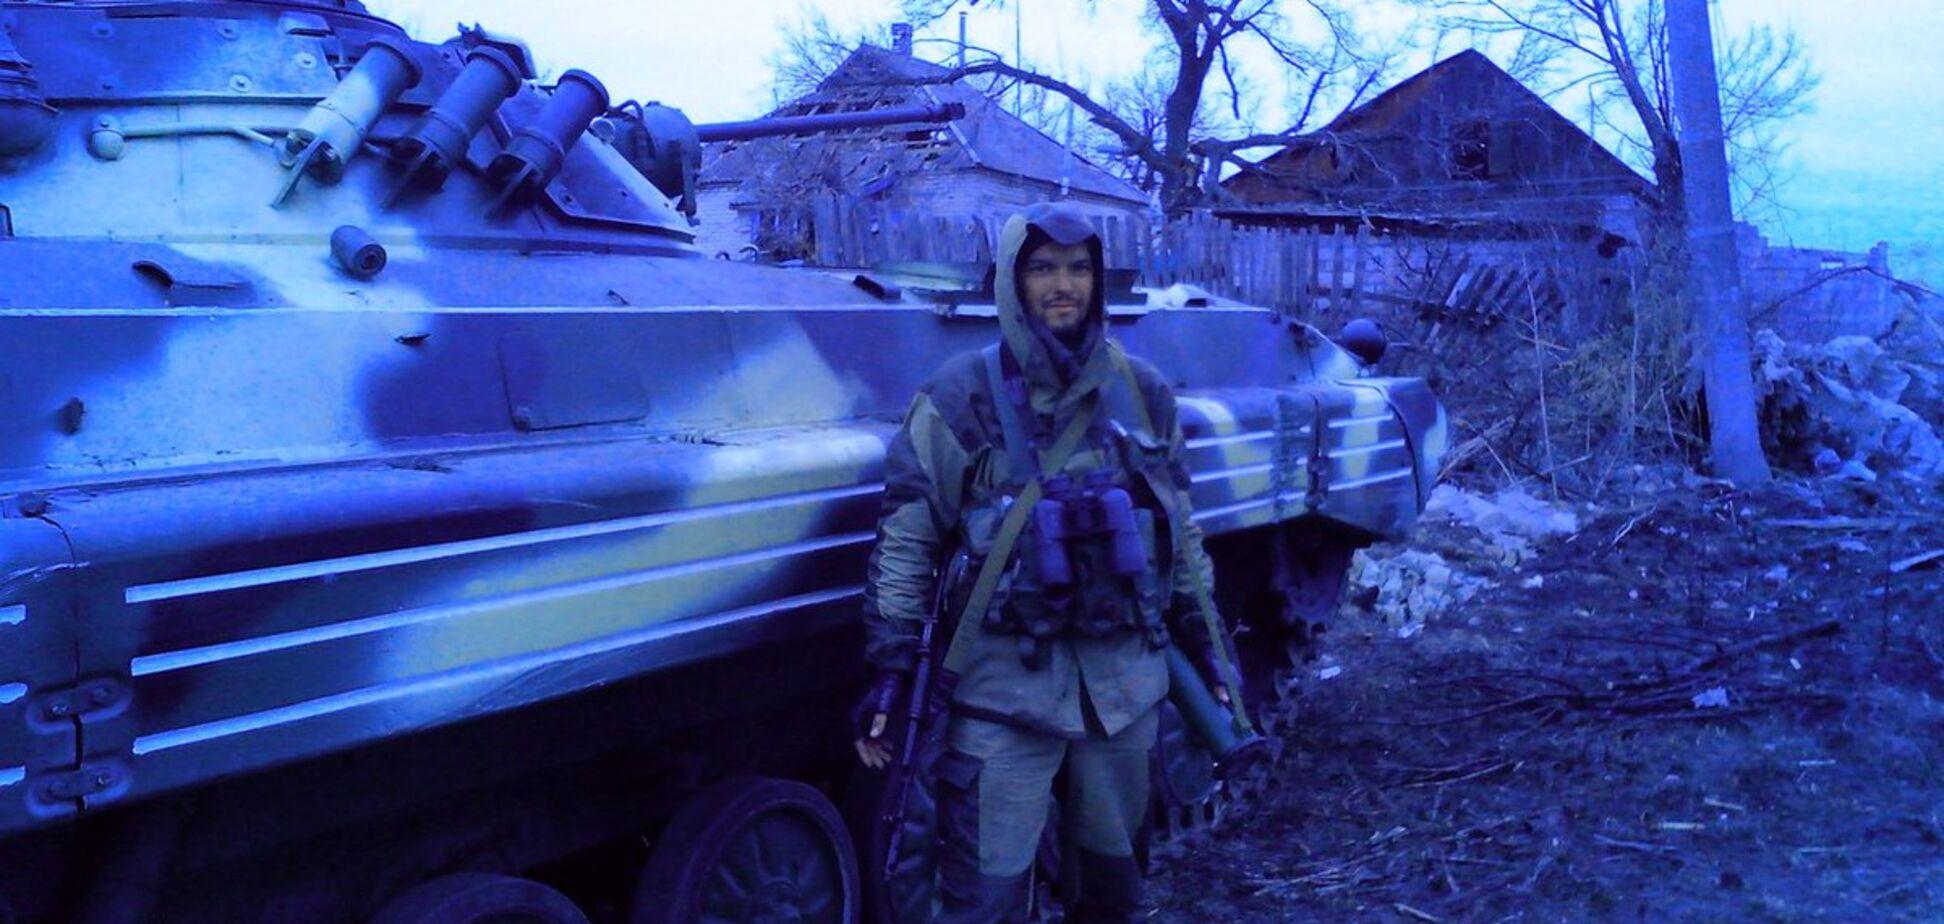 'Обыкновенный рашизм': российский наемник 'ЛНР' призвал убить миллион украинцев